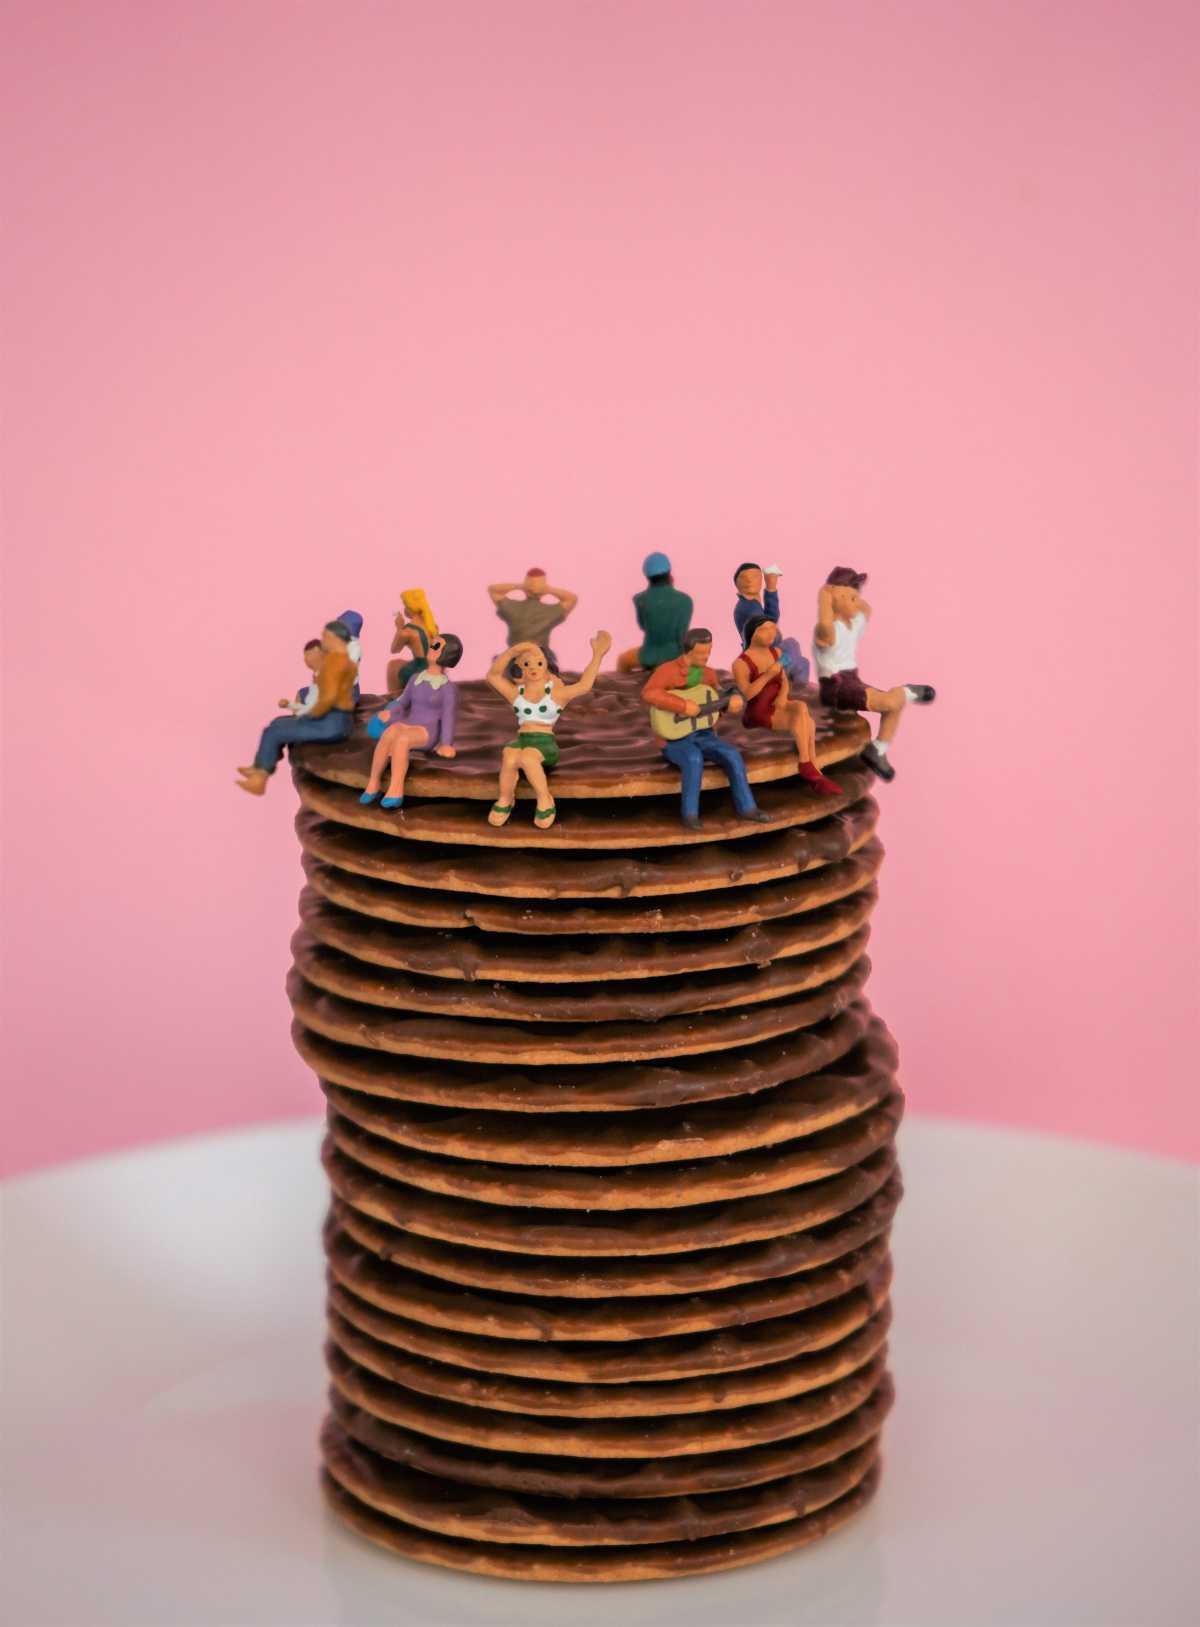 [Focus] - Monde miniature : découvrez les images surprenantes d'Anna Murphy !